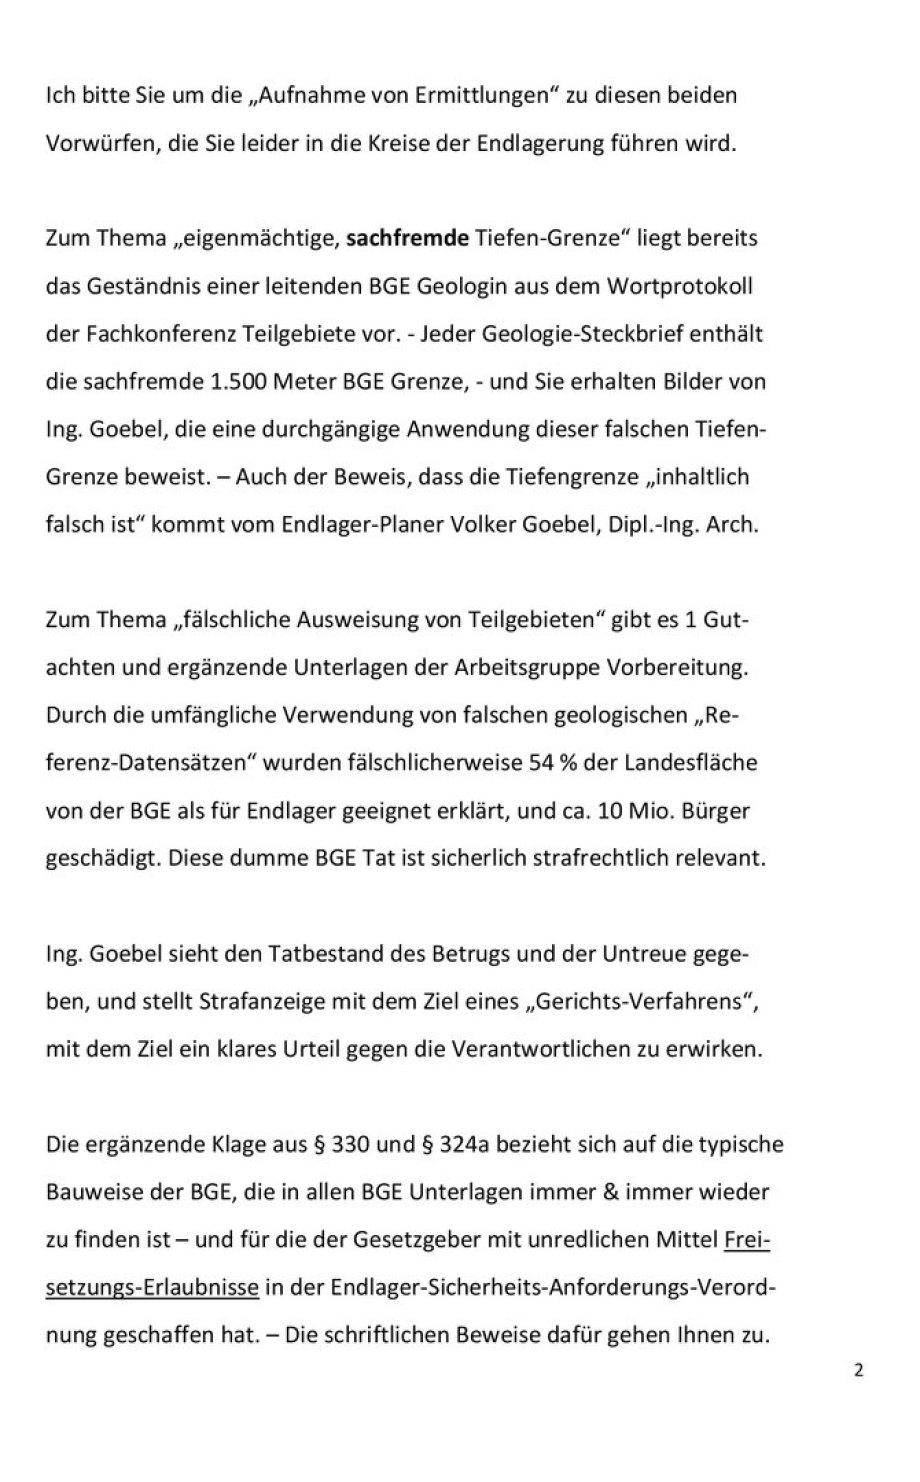 01_A_KORRIGIERT_Strafanzeige-und-Klage-gegen-die-BGE-mbH-z.H_2